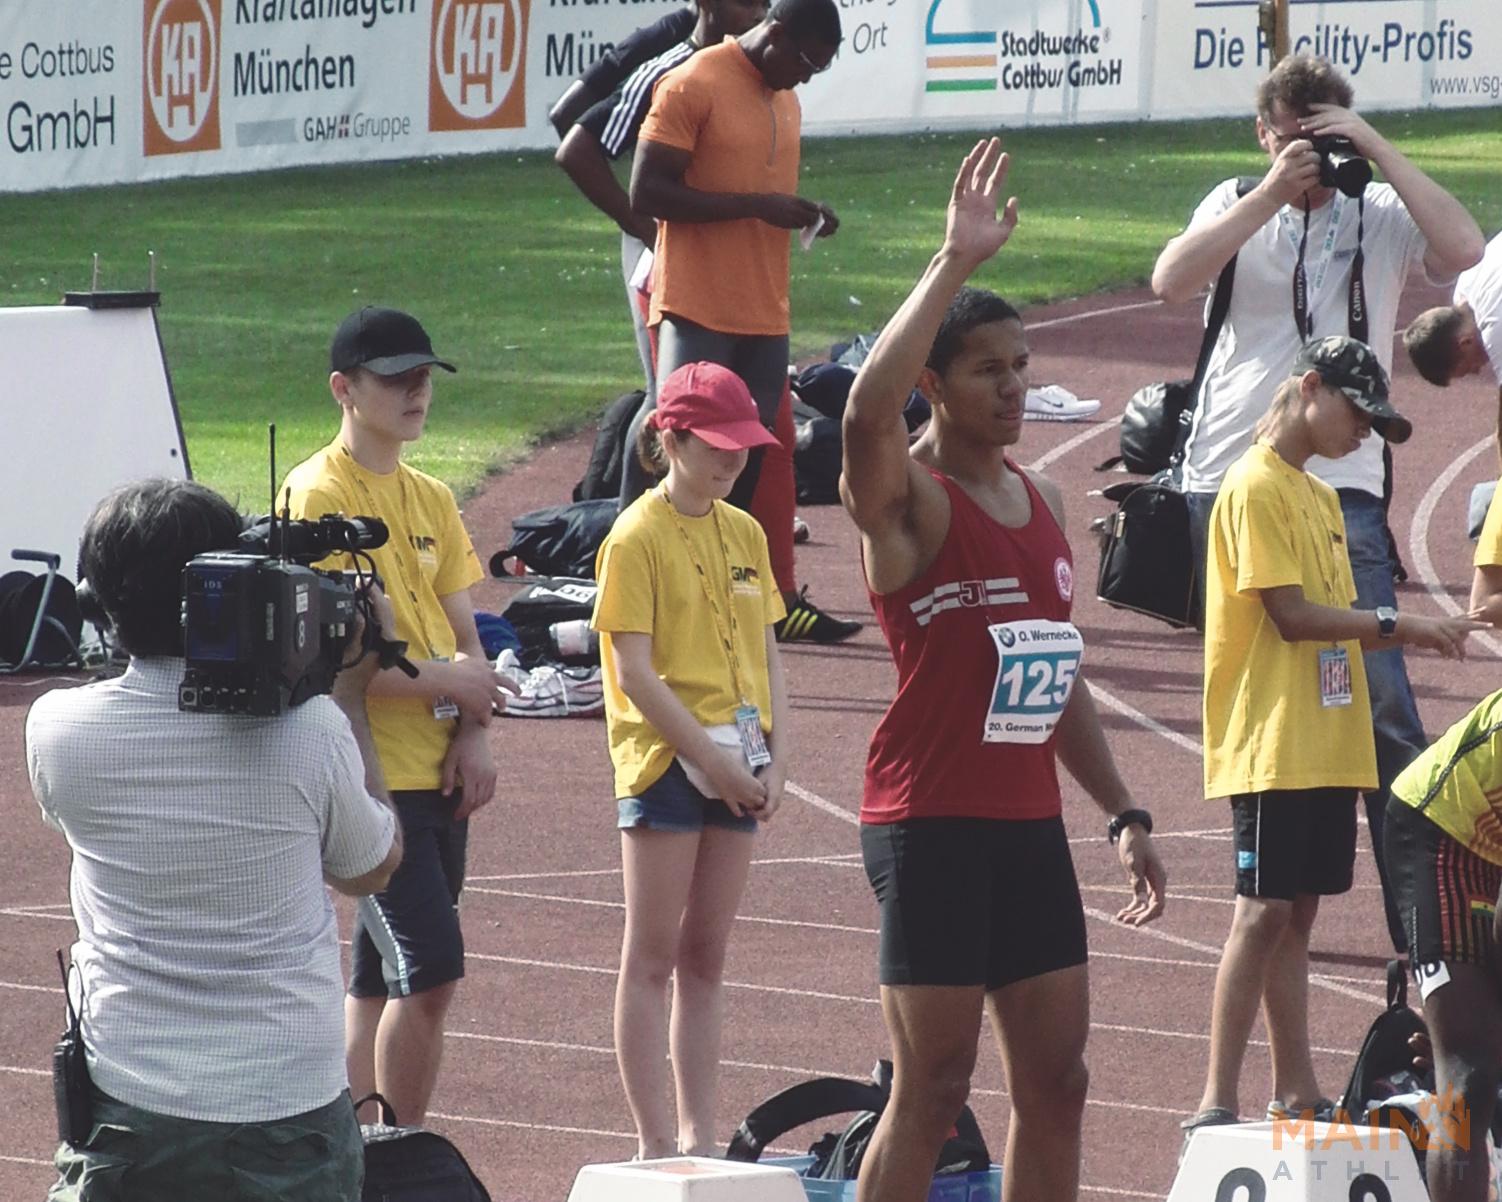 Benjamin Brömme bei einem Leichtathletik Meeting in Cottbus 2009.